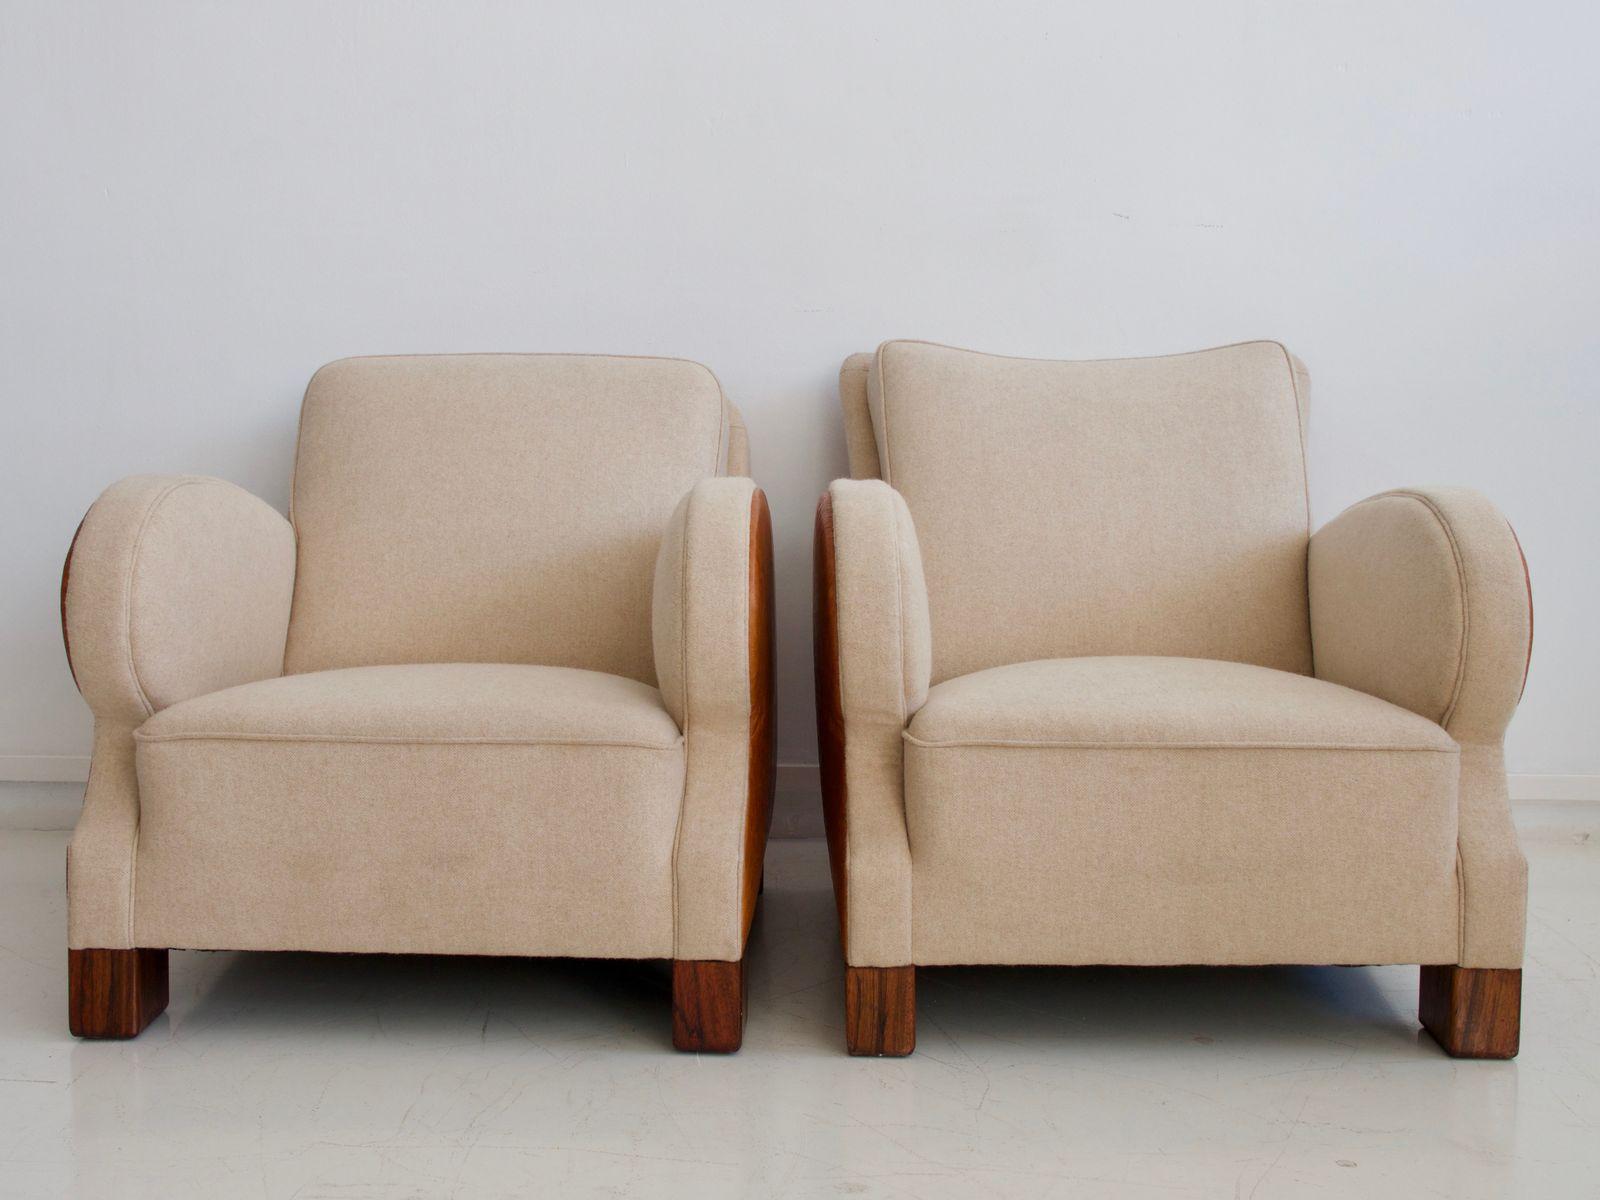 art deco sessel 1930er 2er set bei pamono kaufen. Black Bedroom Furniture Sets. Home Design Ideas